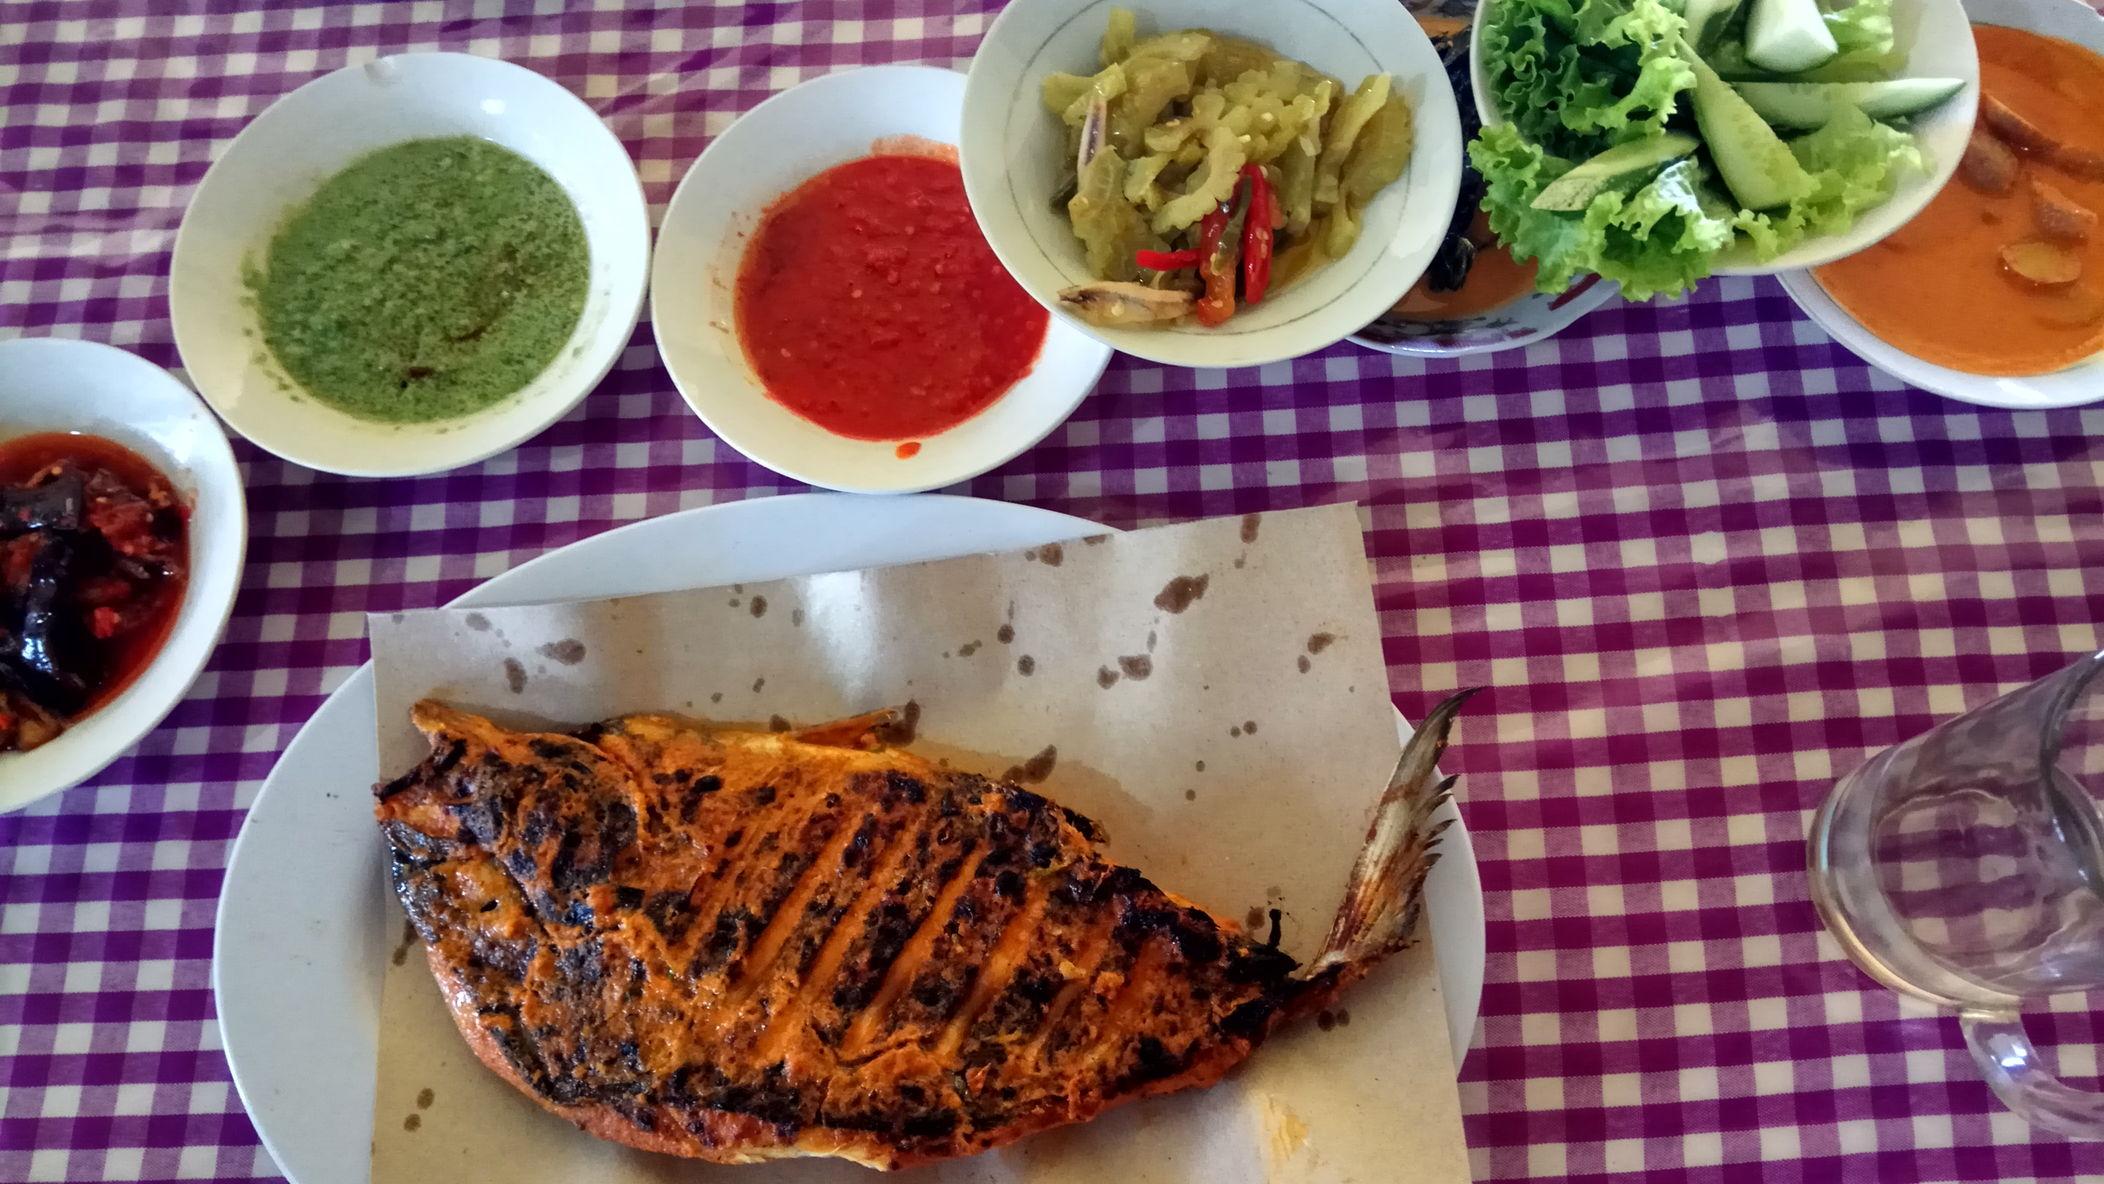 The signature fish dish from Padang